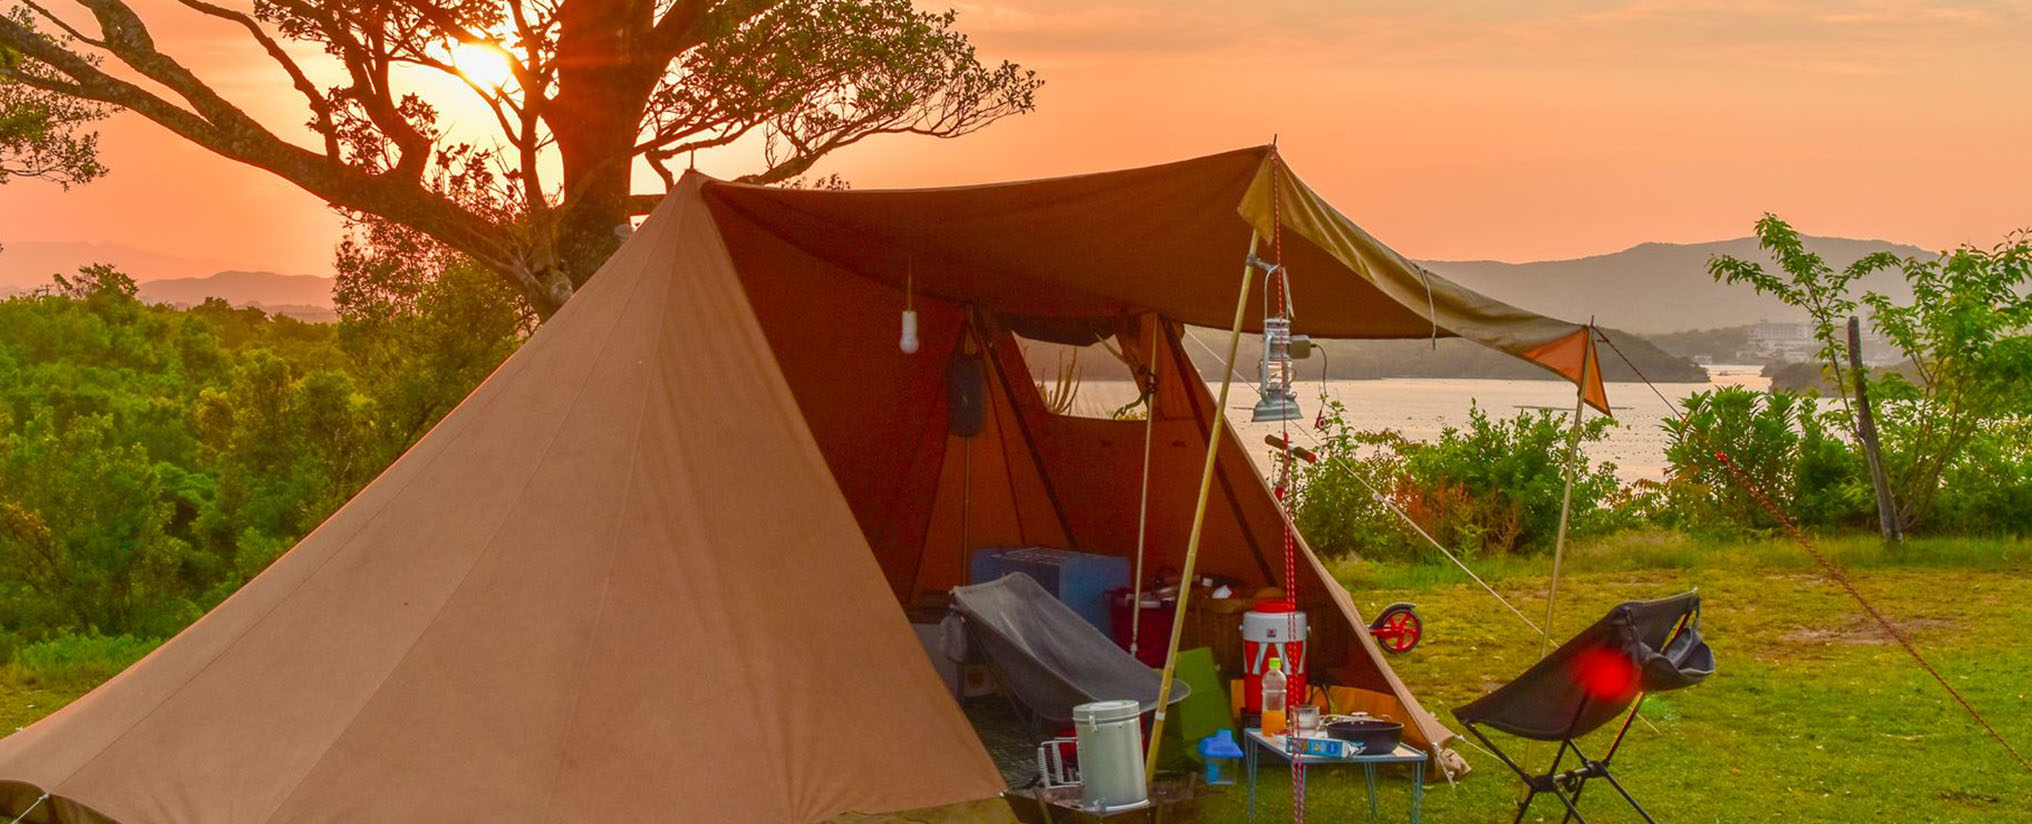 ソロキャンプの夕焼け